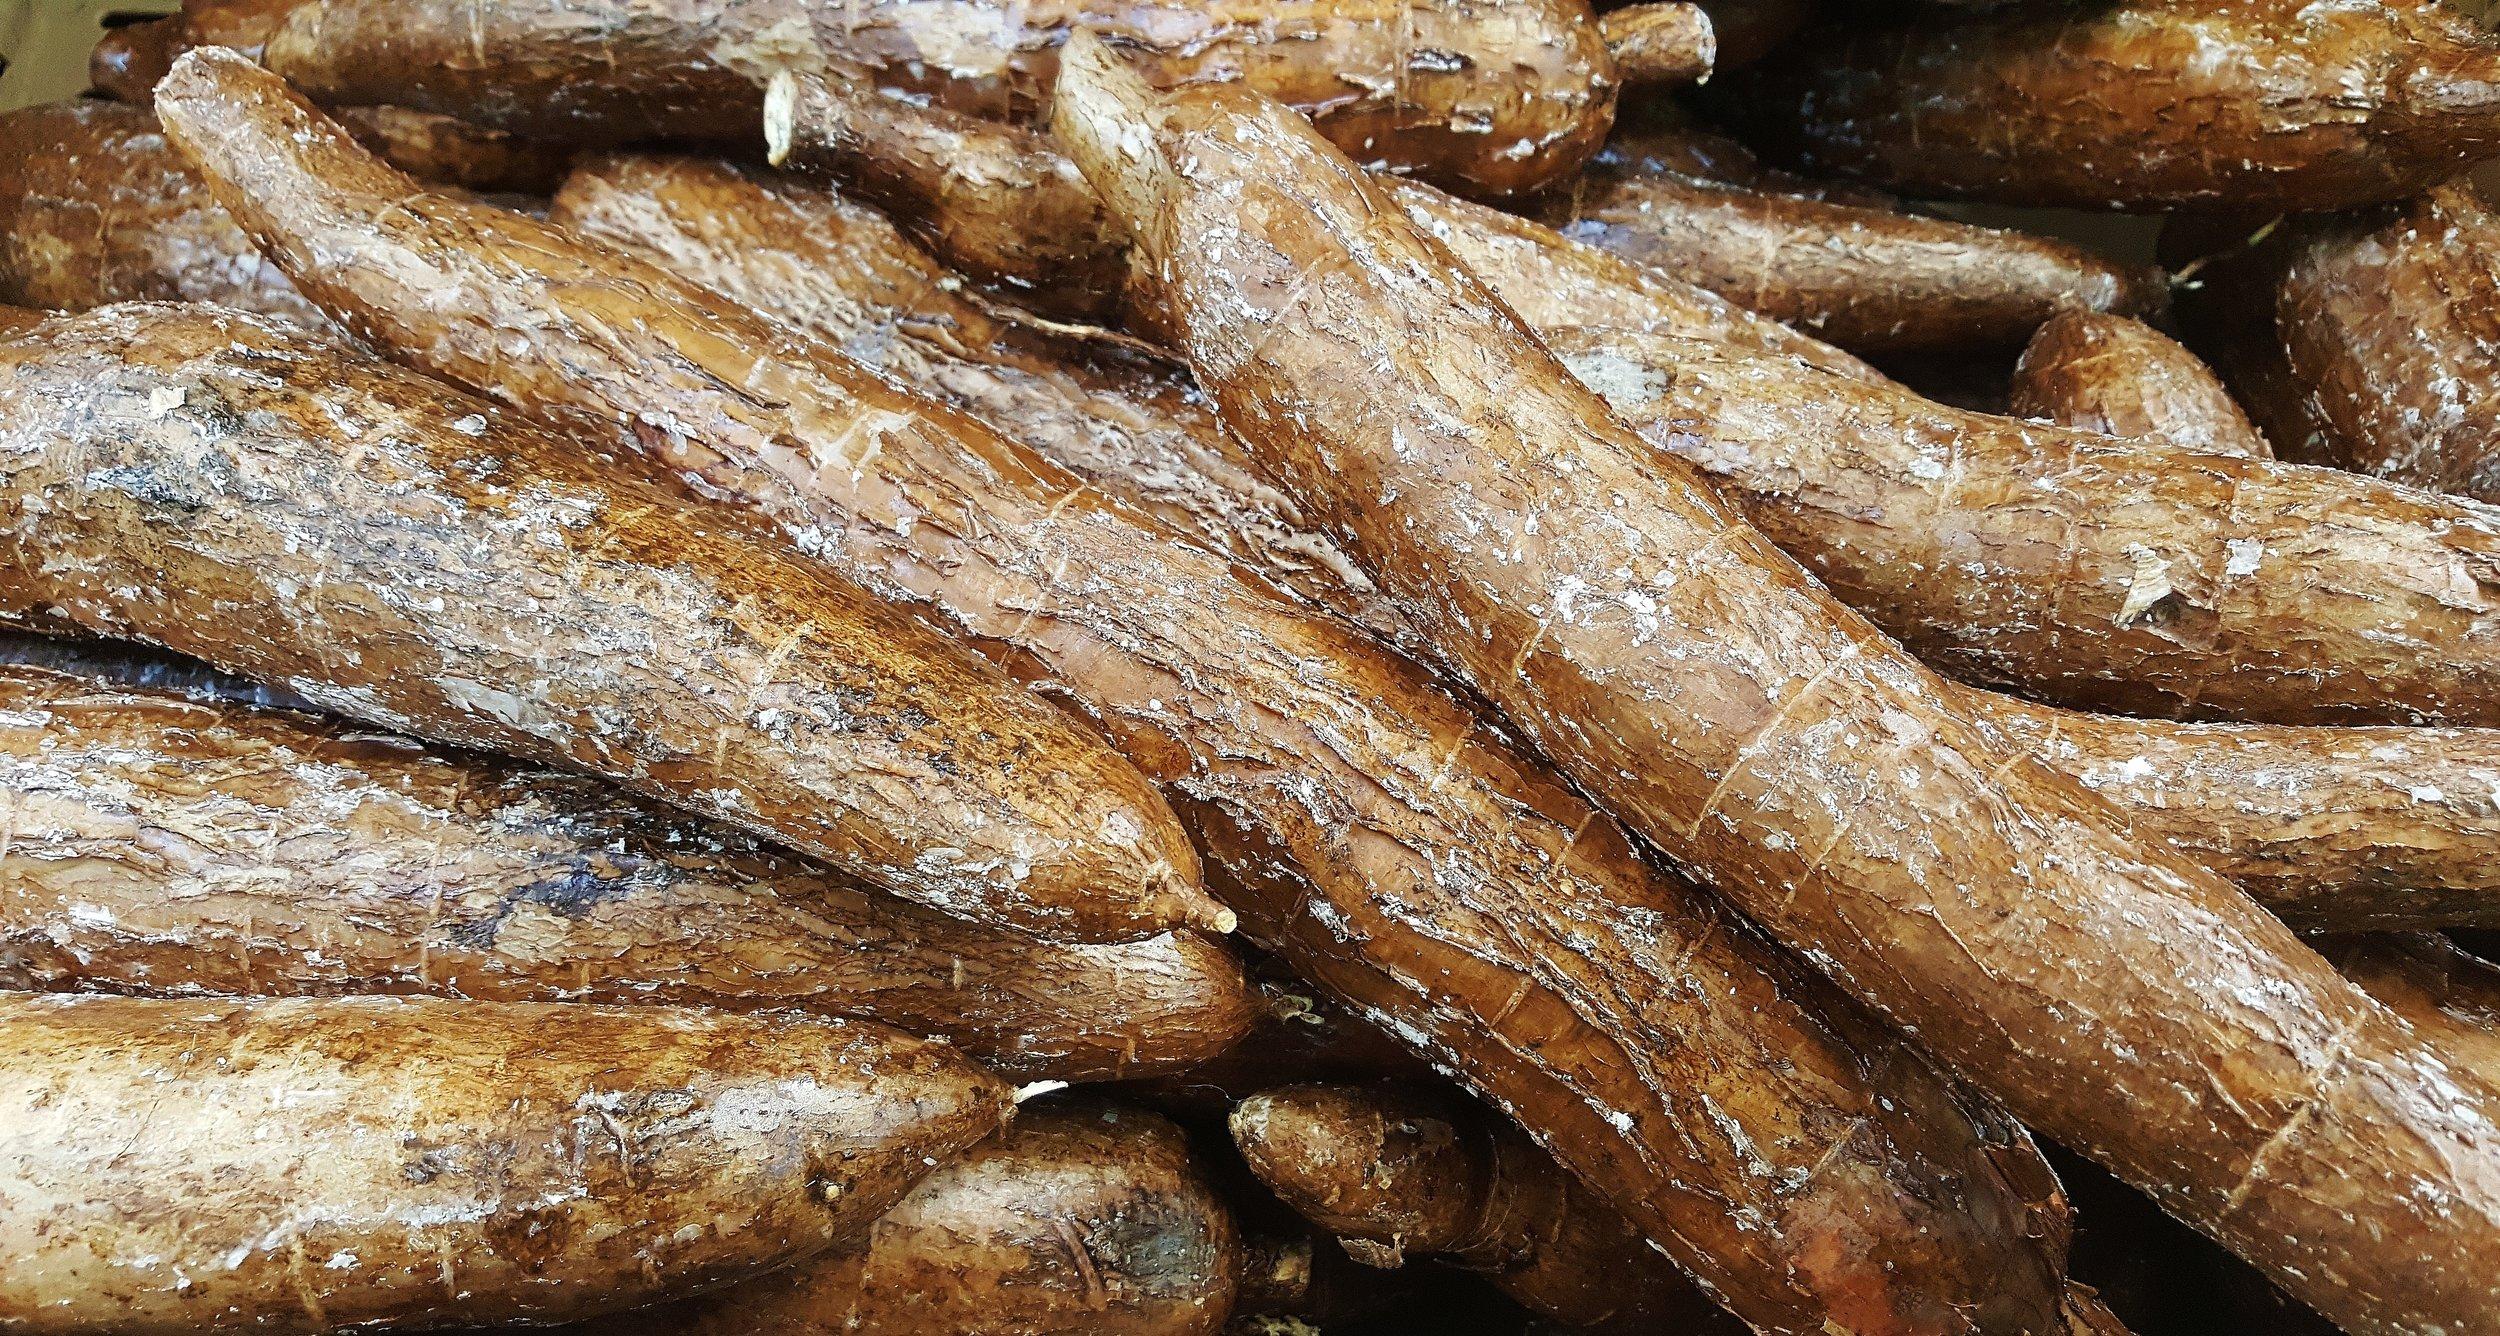 ramo-ramen-kentish-town-wtf-yuca-royalty-free-pixabay.jpg